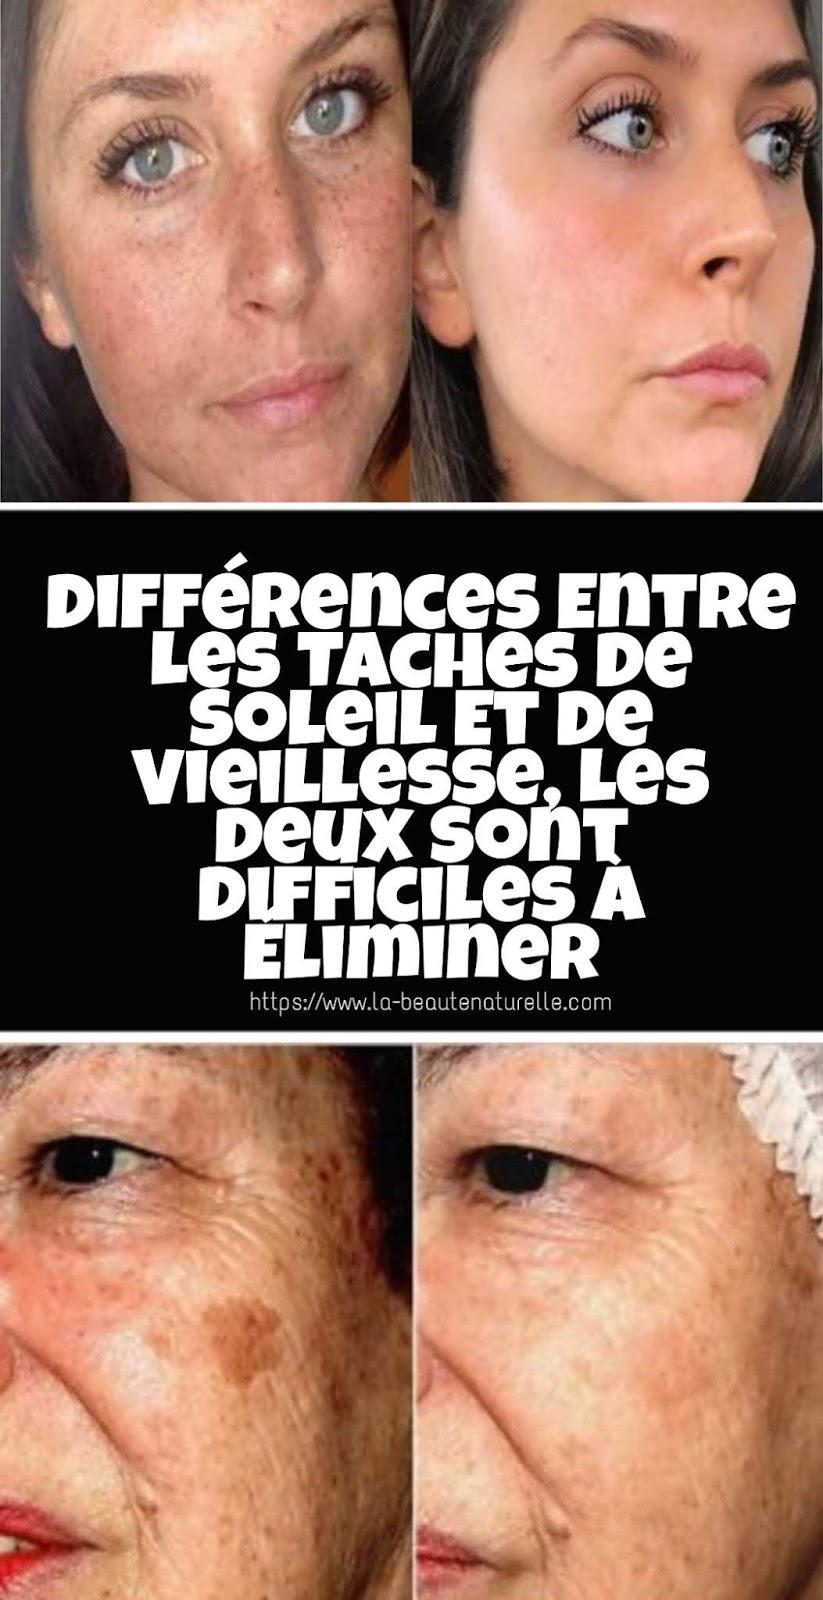 Différences Entre Les Taches De Soleil Et De Vieillesse, Les Deux Sont Difficiles À Éliminer